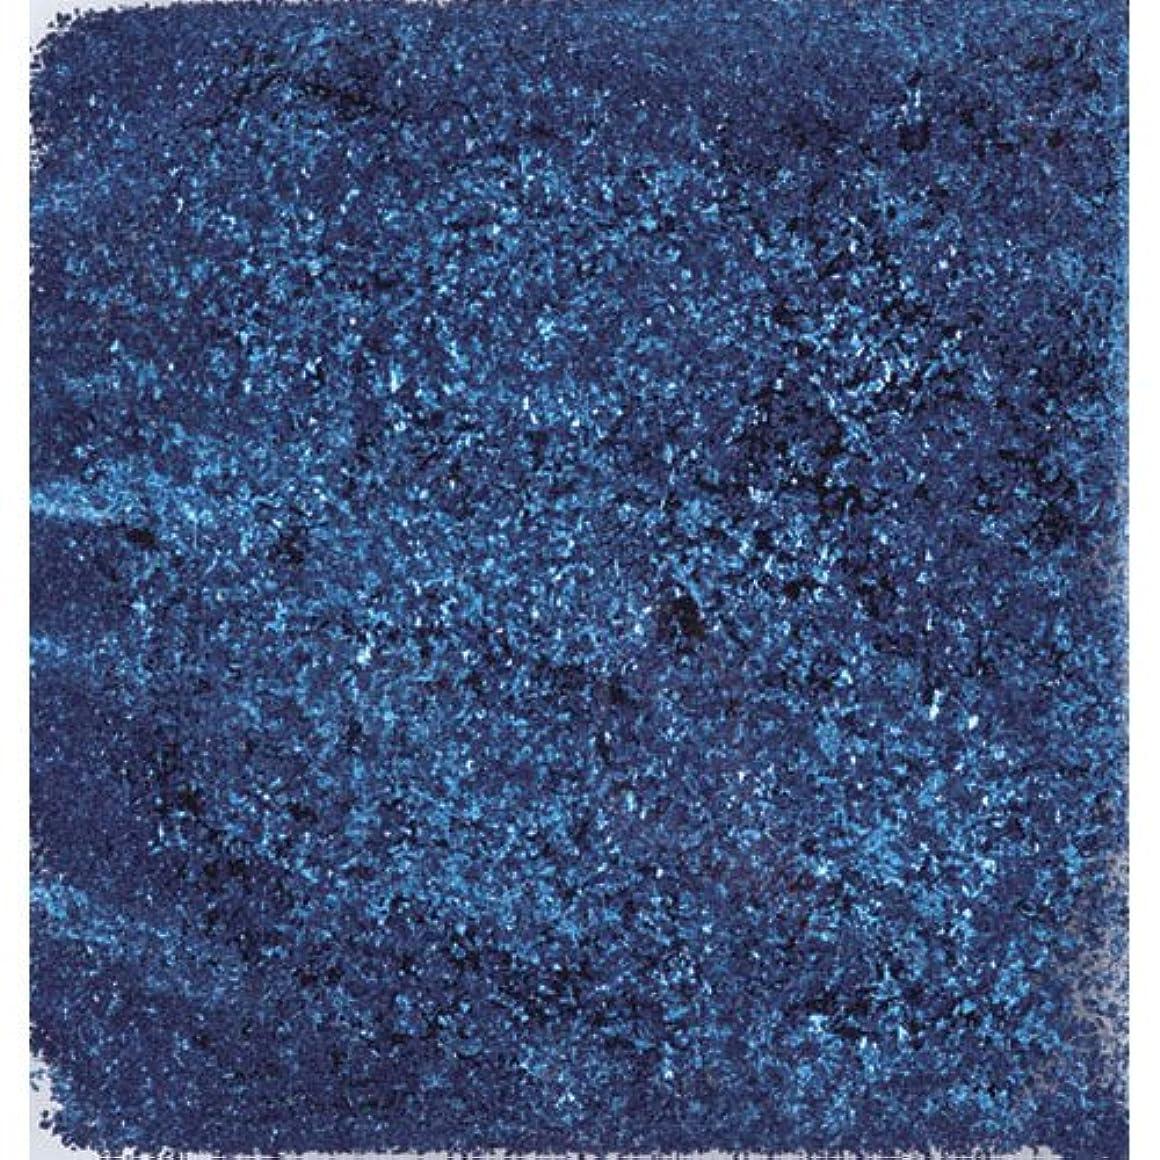 つまらない一生サーキュレーションピカエース ネイル用パウダー ピカエース シャインフレーク #713 藍色 0.3g アート材